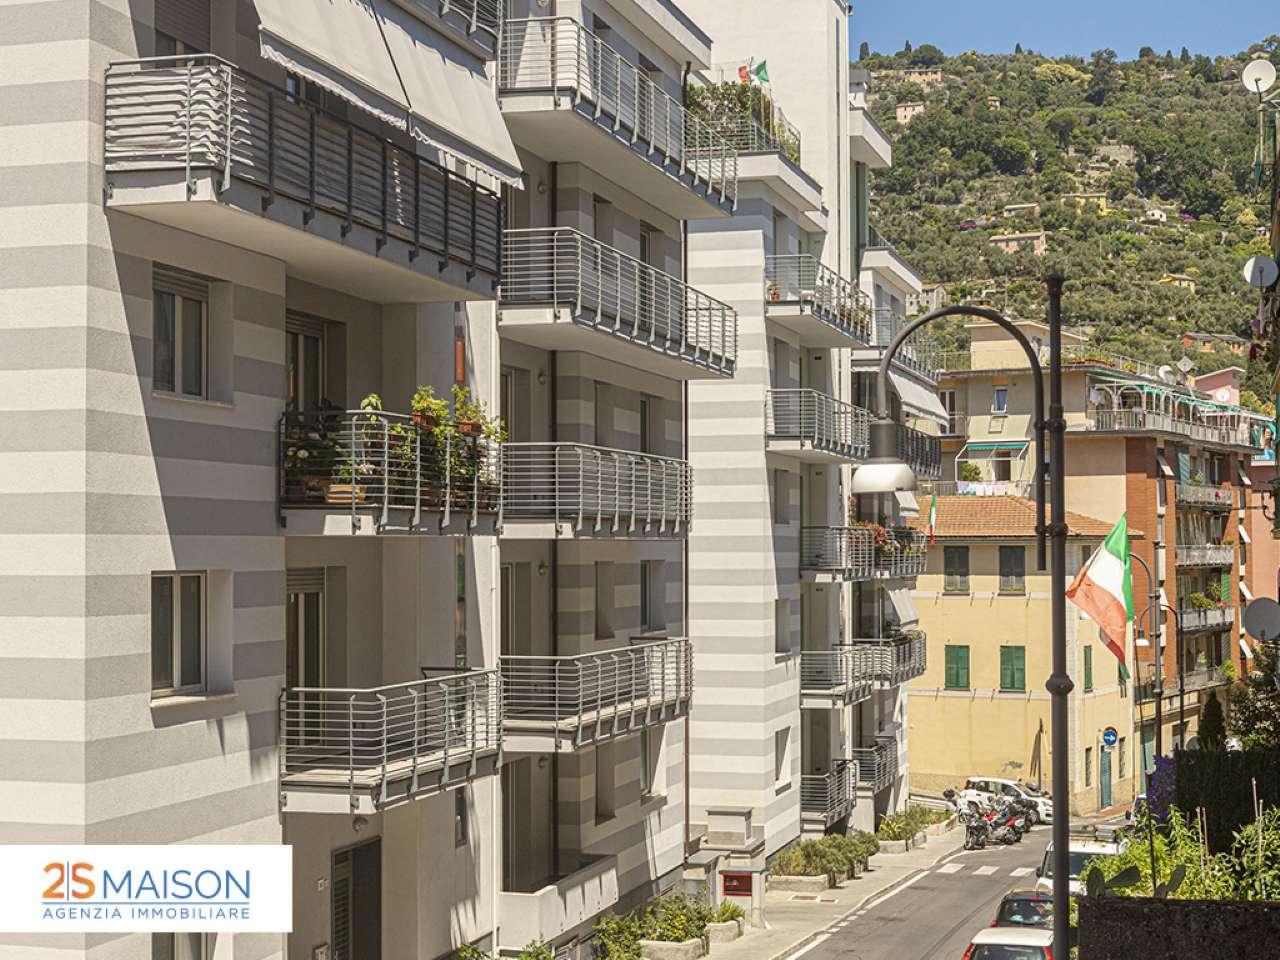 Appartamento in vendita a Santa Margherita Ligure, 2 locali, prezzo € 289.000 | PortaleAgenzieImmobiliari.it